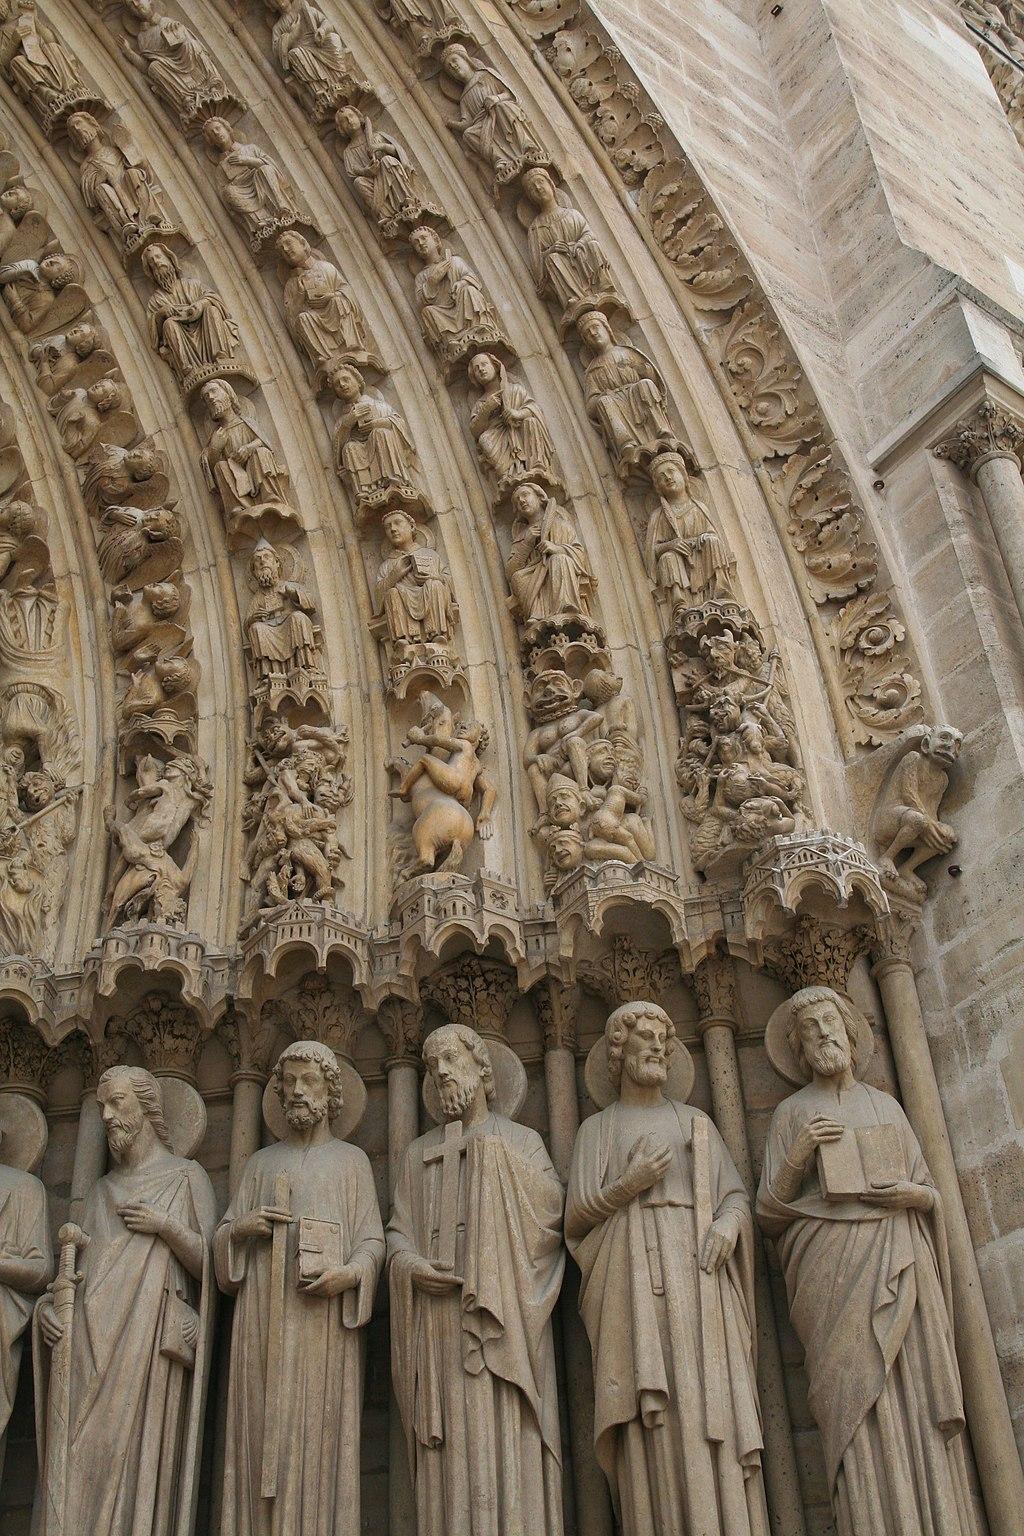 1024px-Saints_in_Portal,_Notre-Dame,_Par